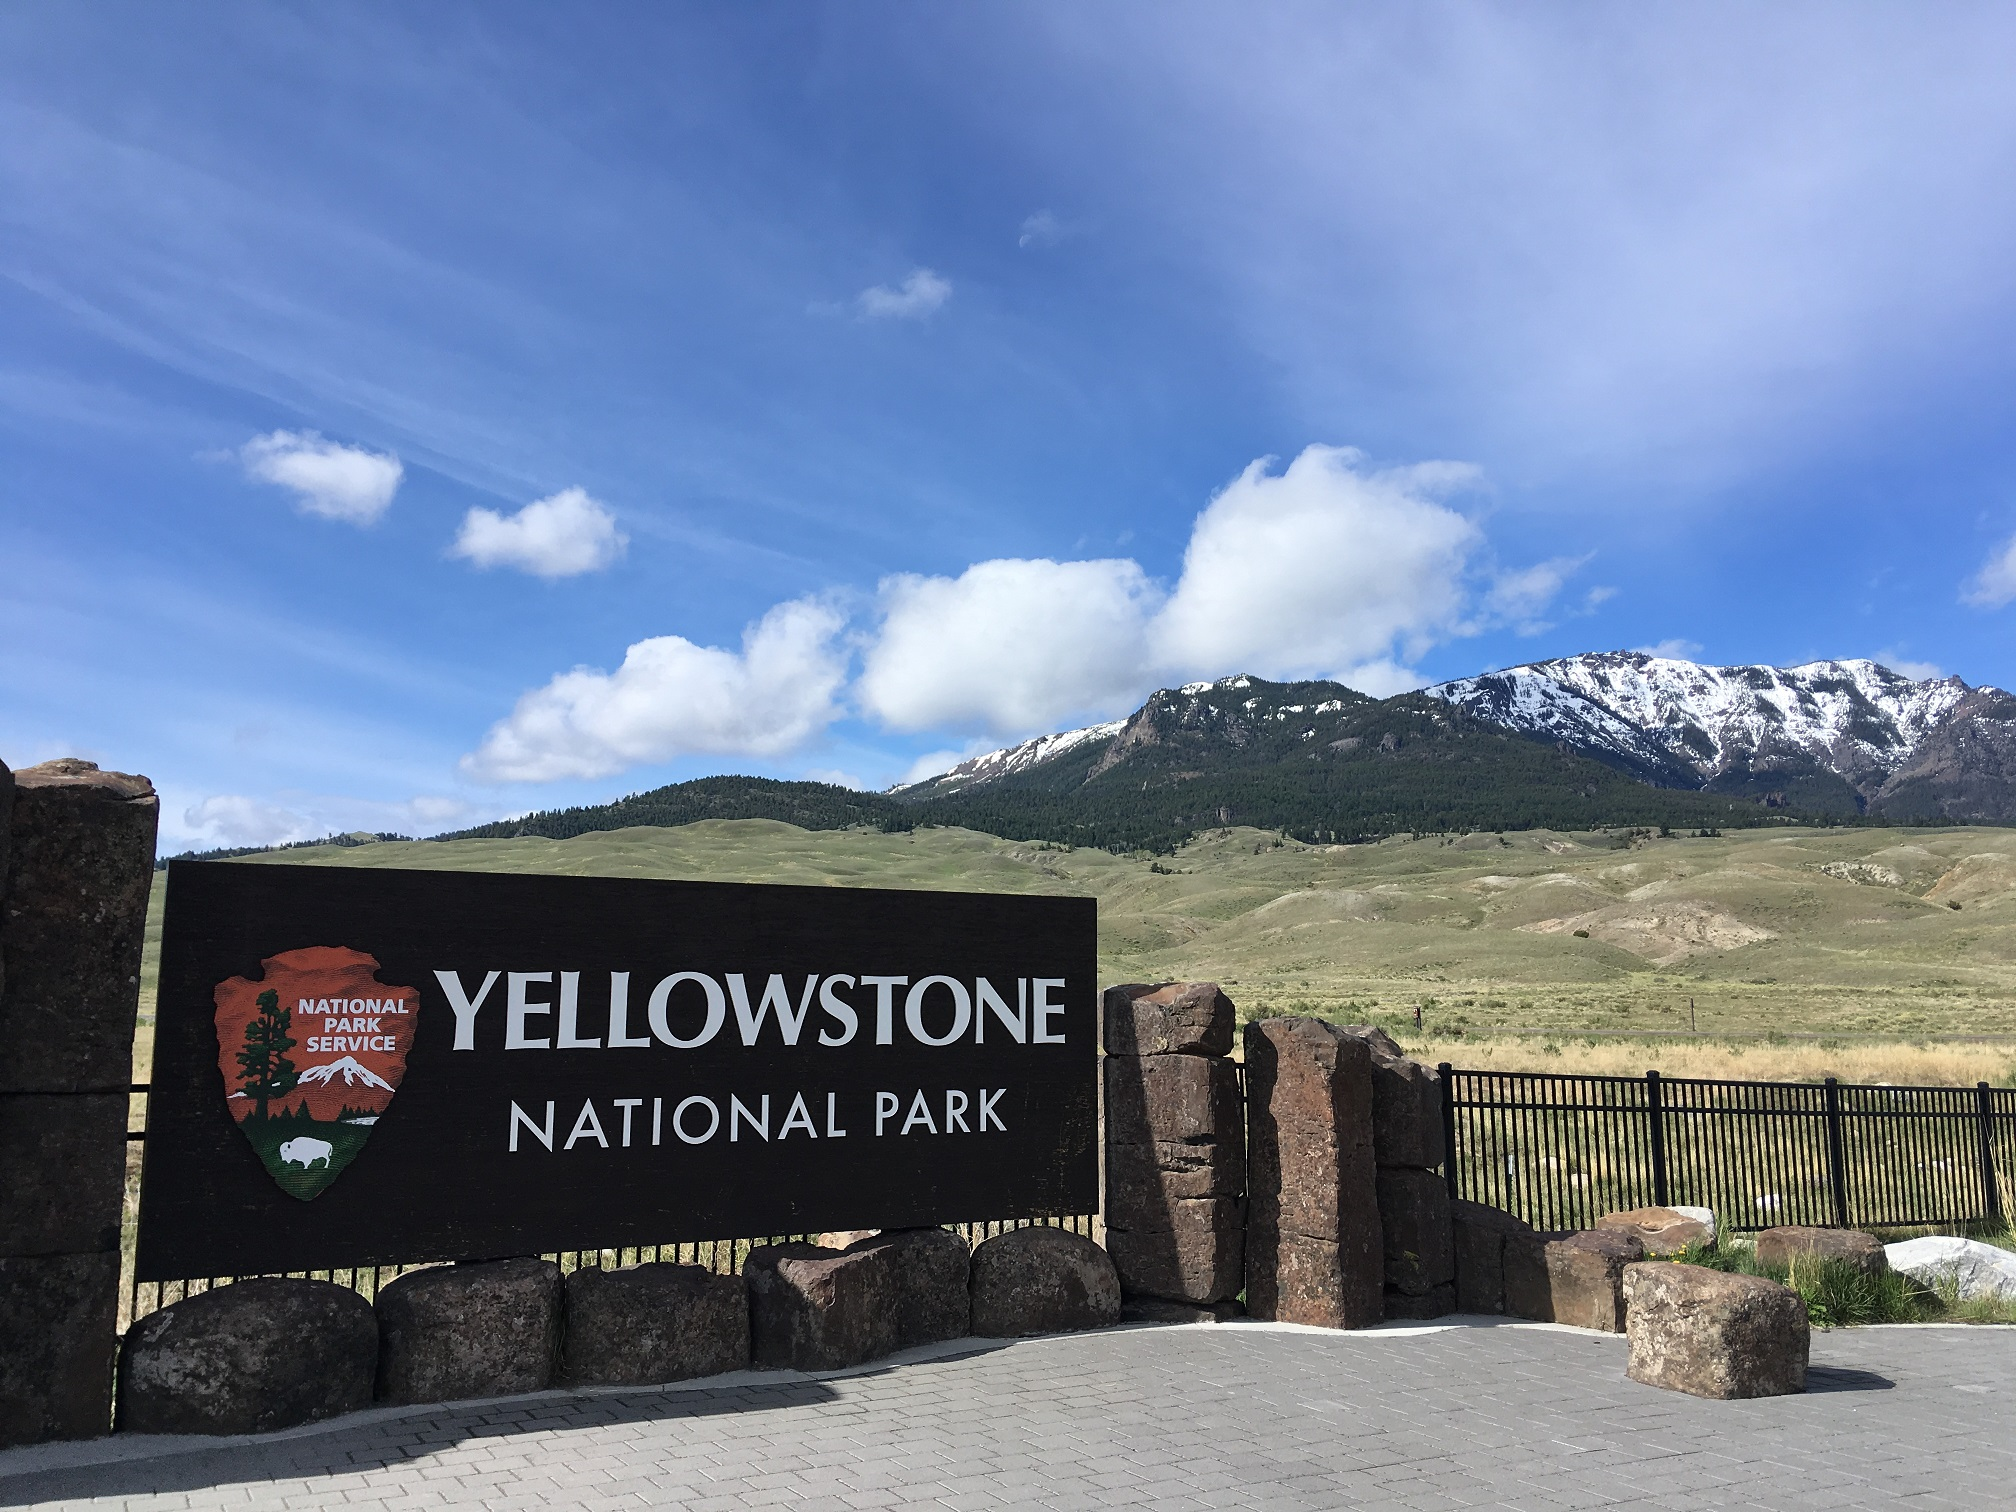 何度でも足を運びたい!世界で初めての国立公園、イエローストーン観光まとめ